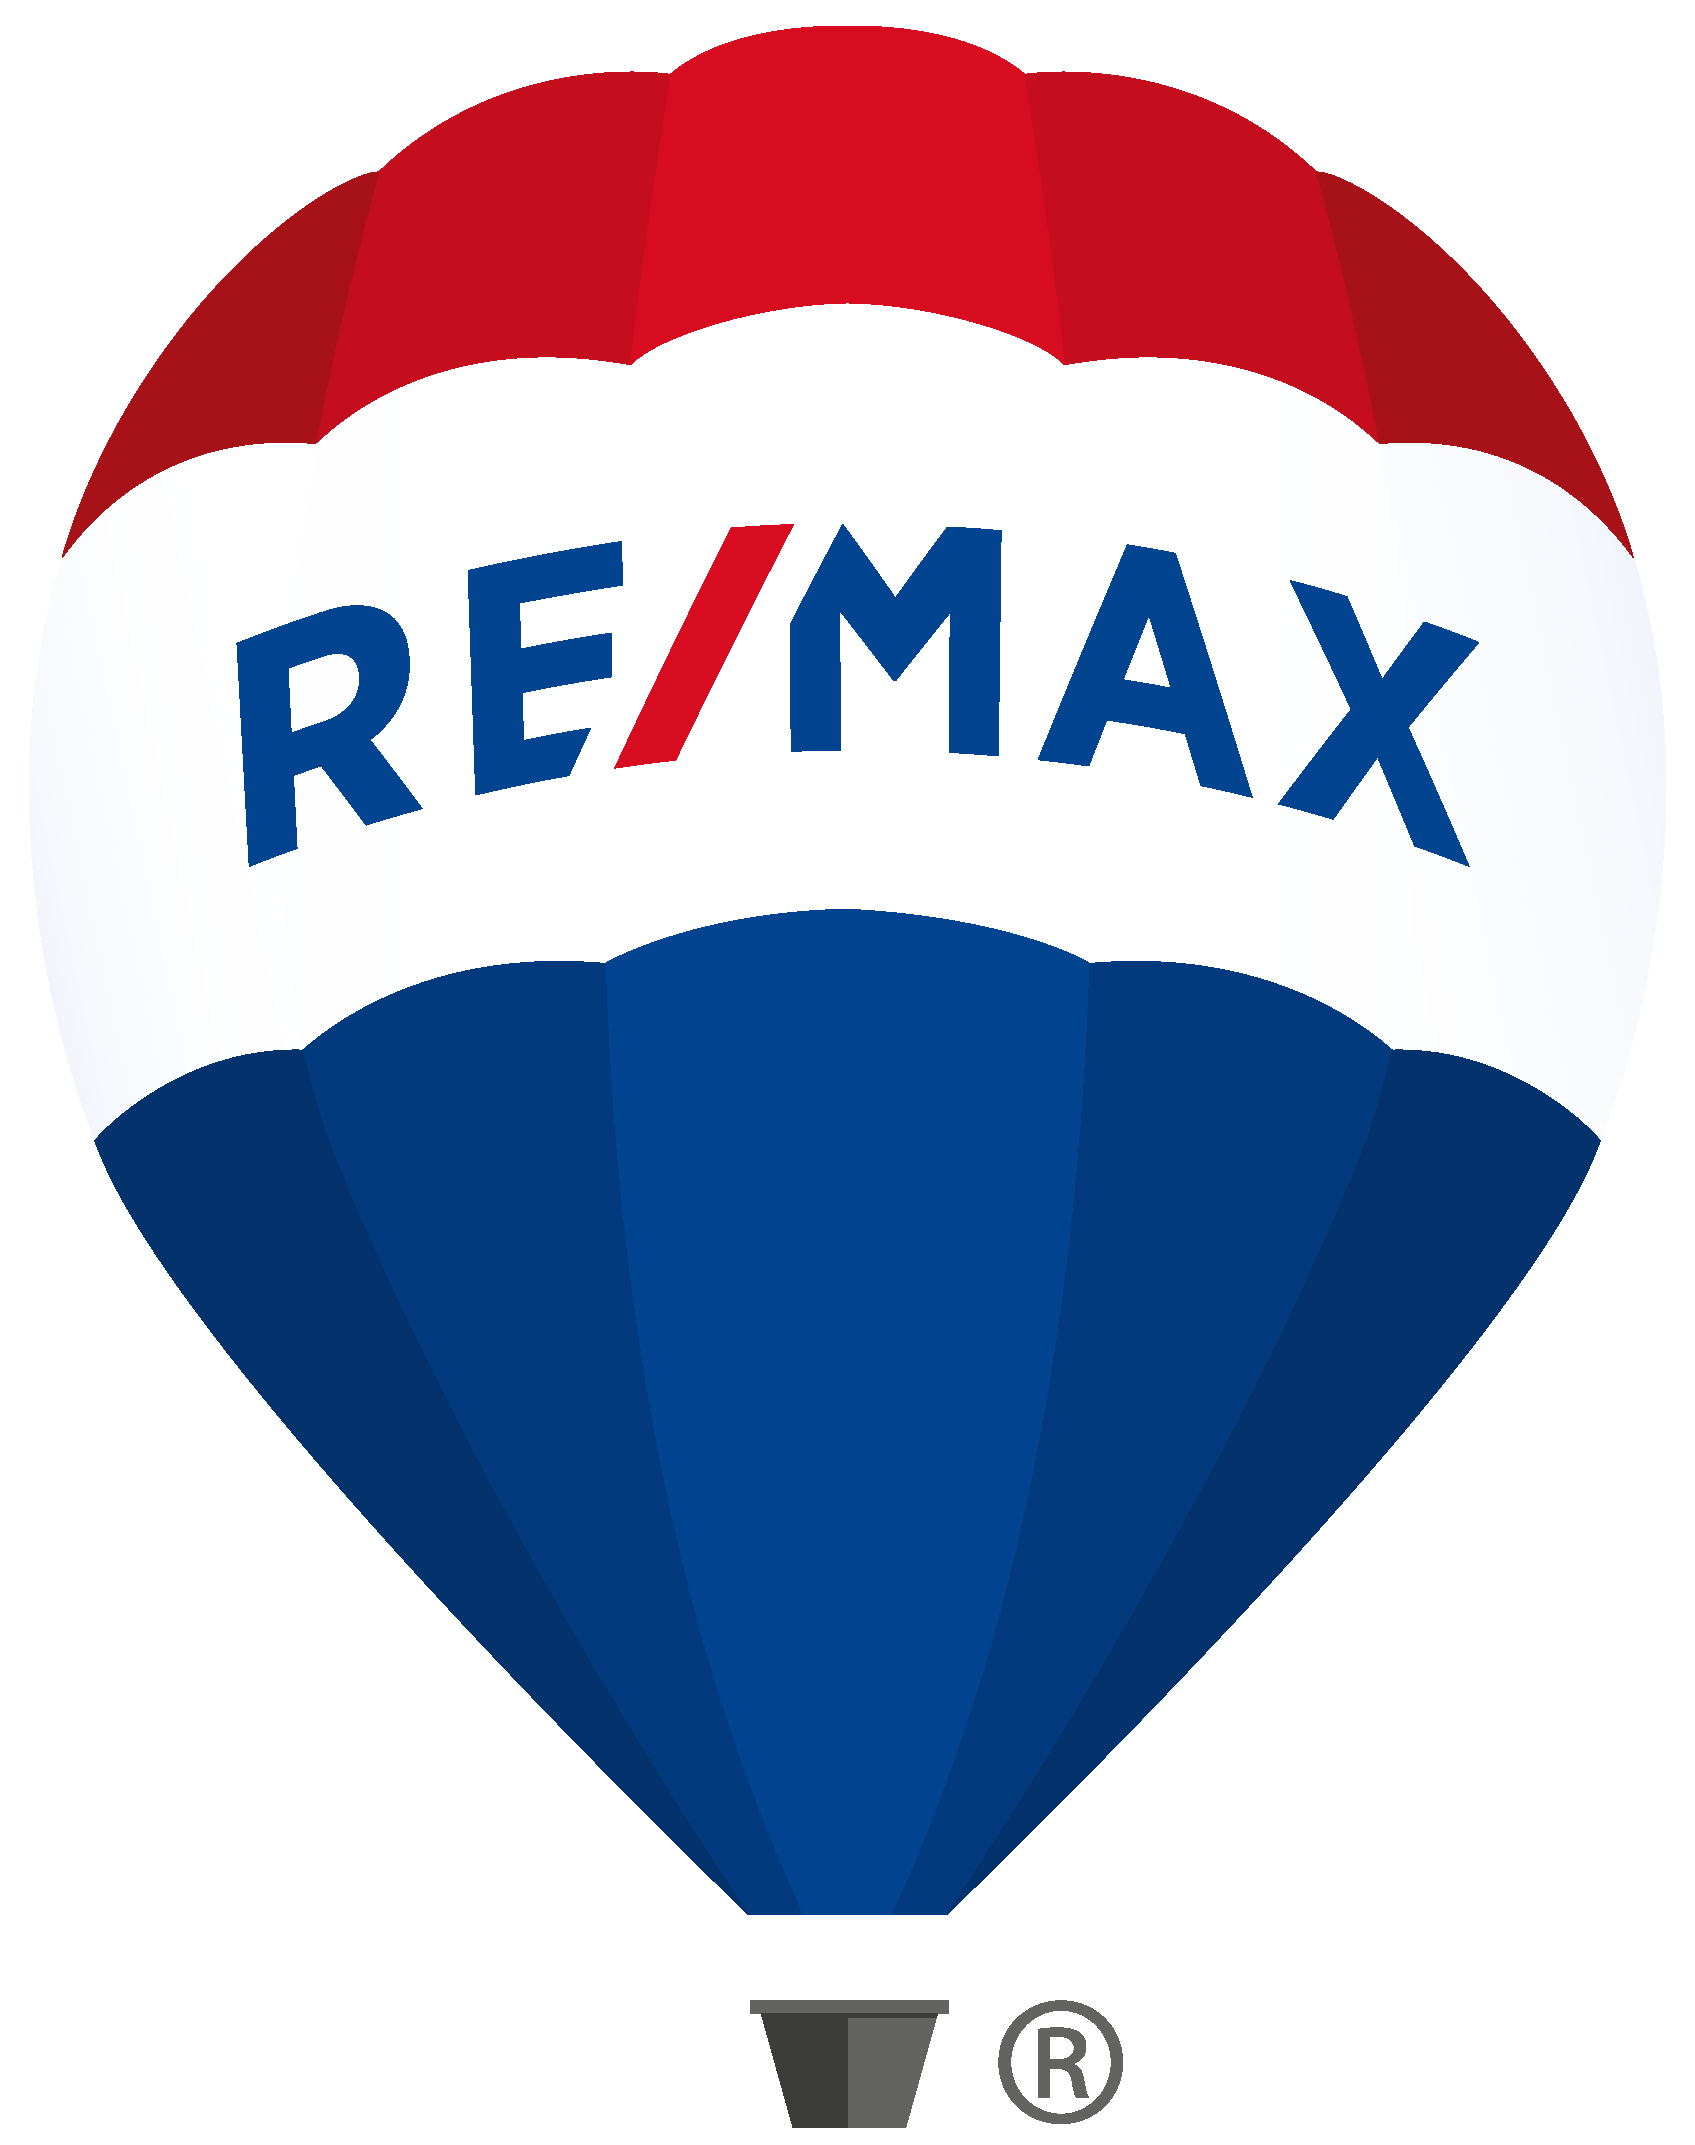 Remax Balloon Logo Png Image San Carlos Marketing Inmobiliario Disenos De Unas